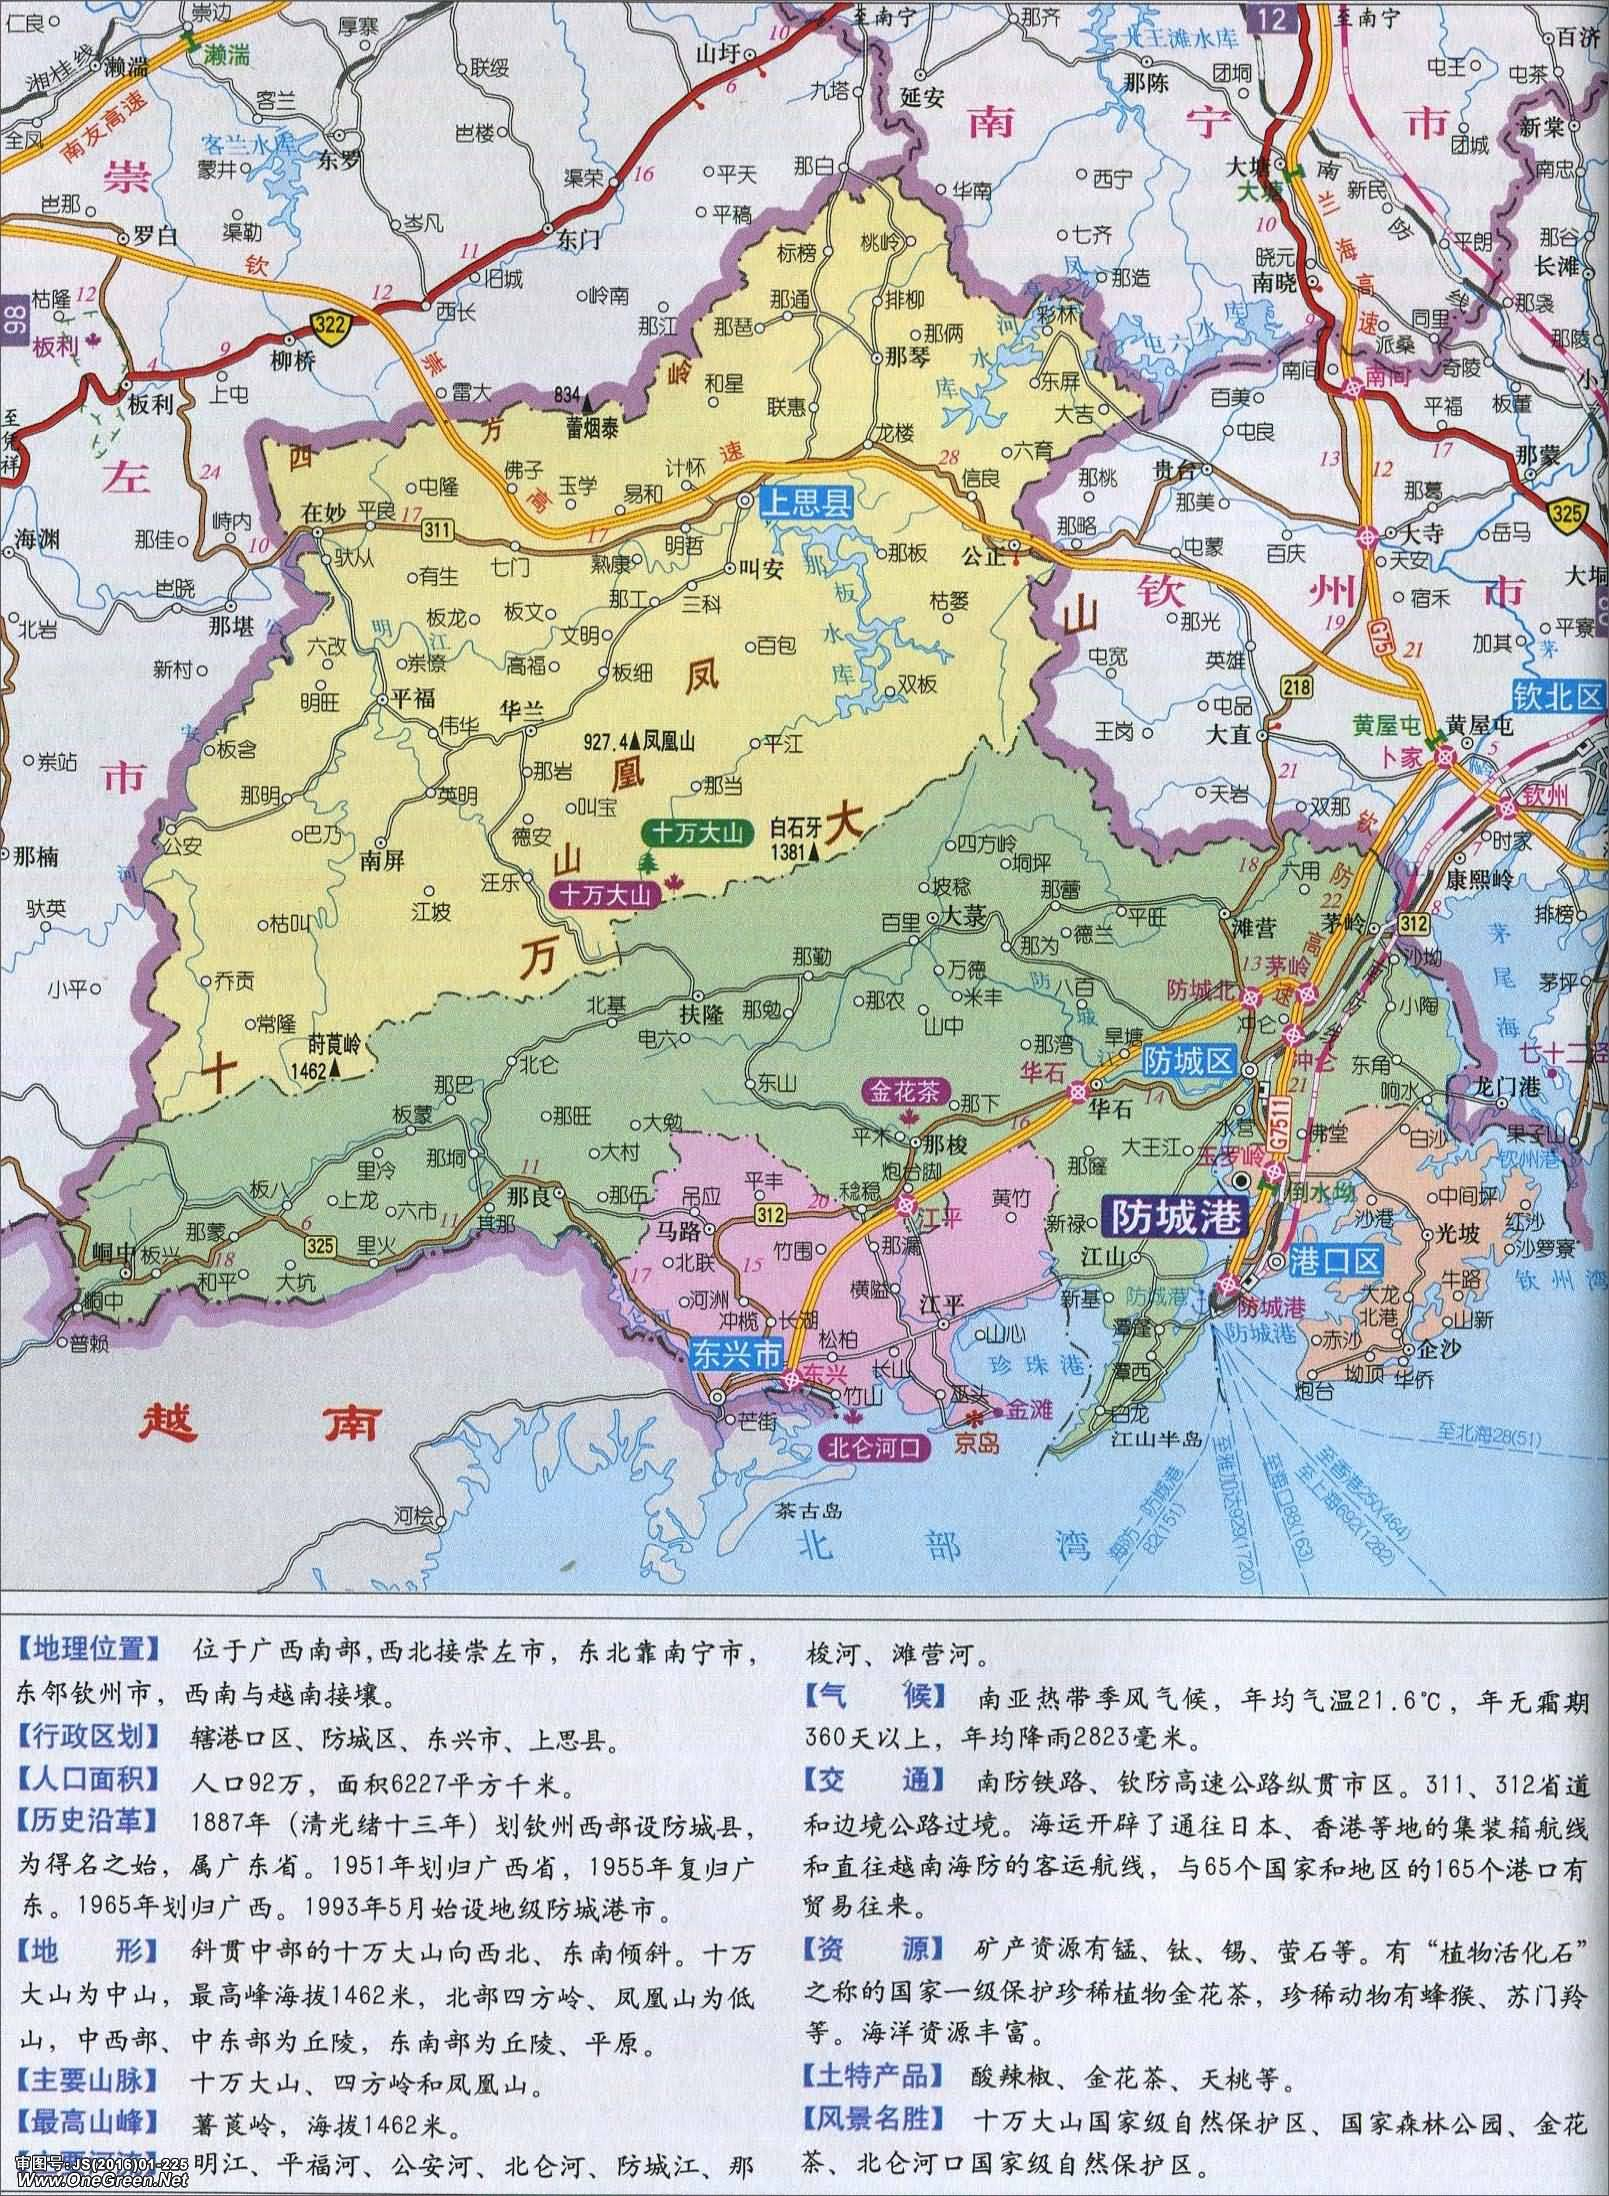 防城港市地图高清版